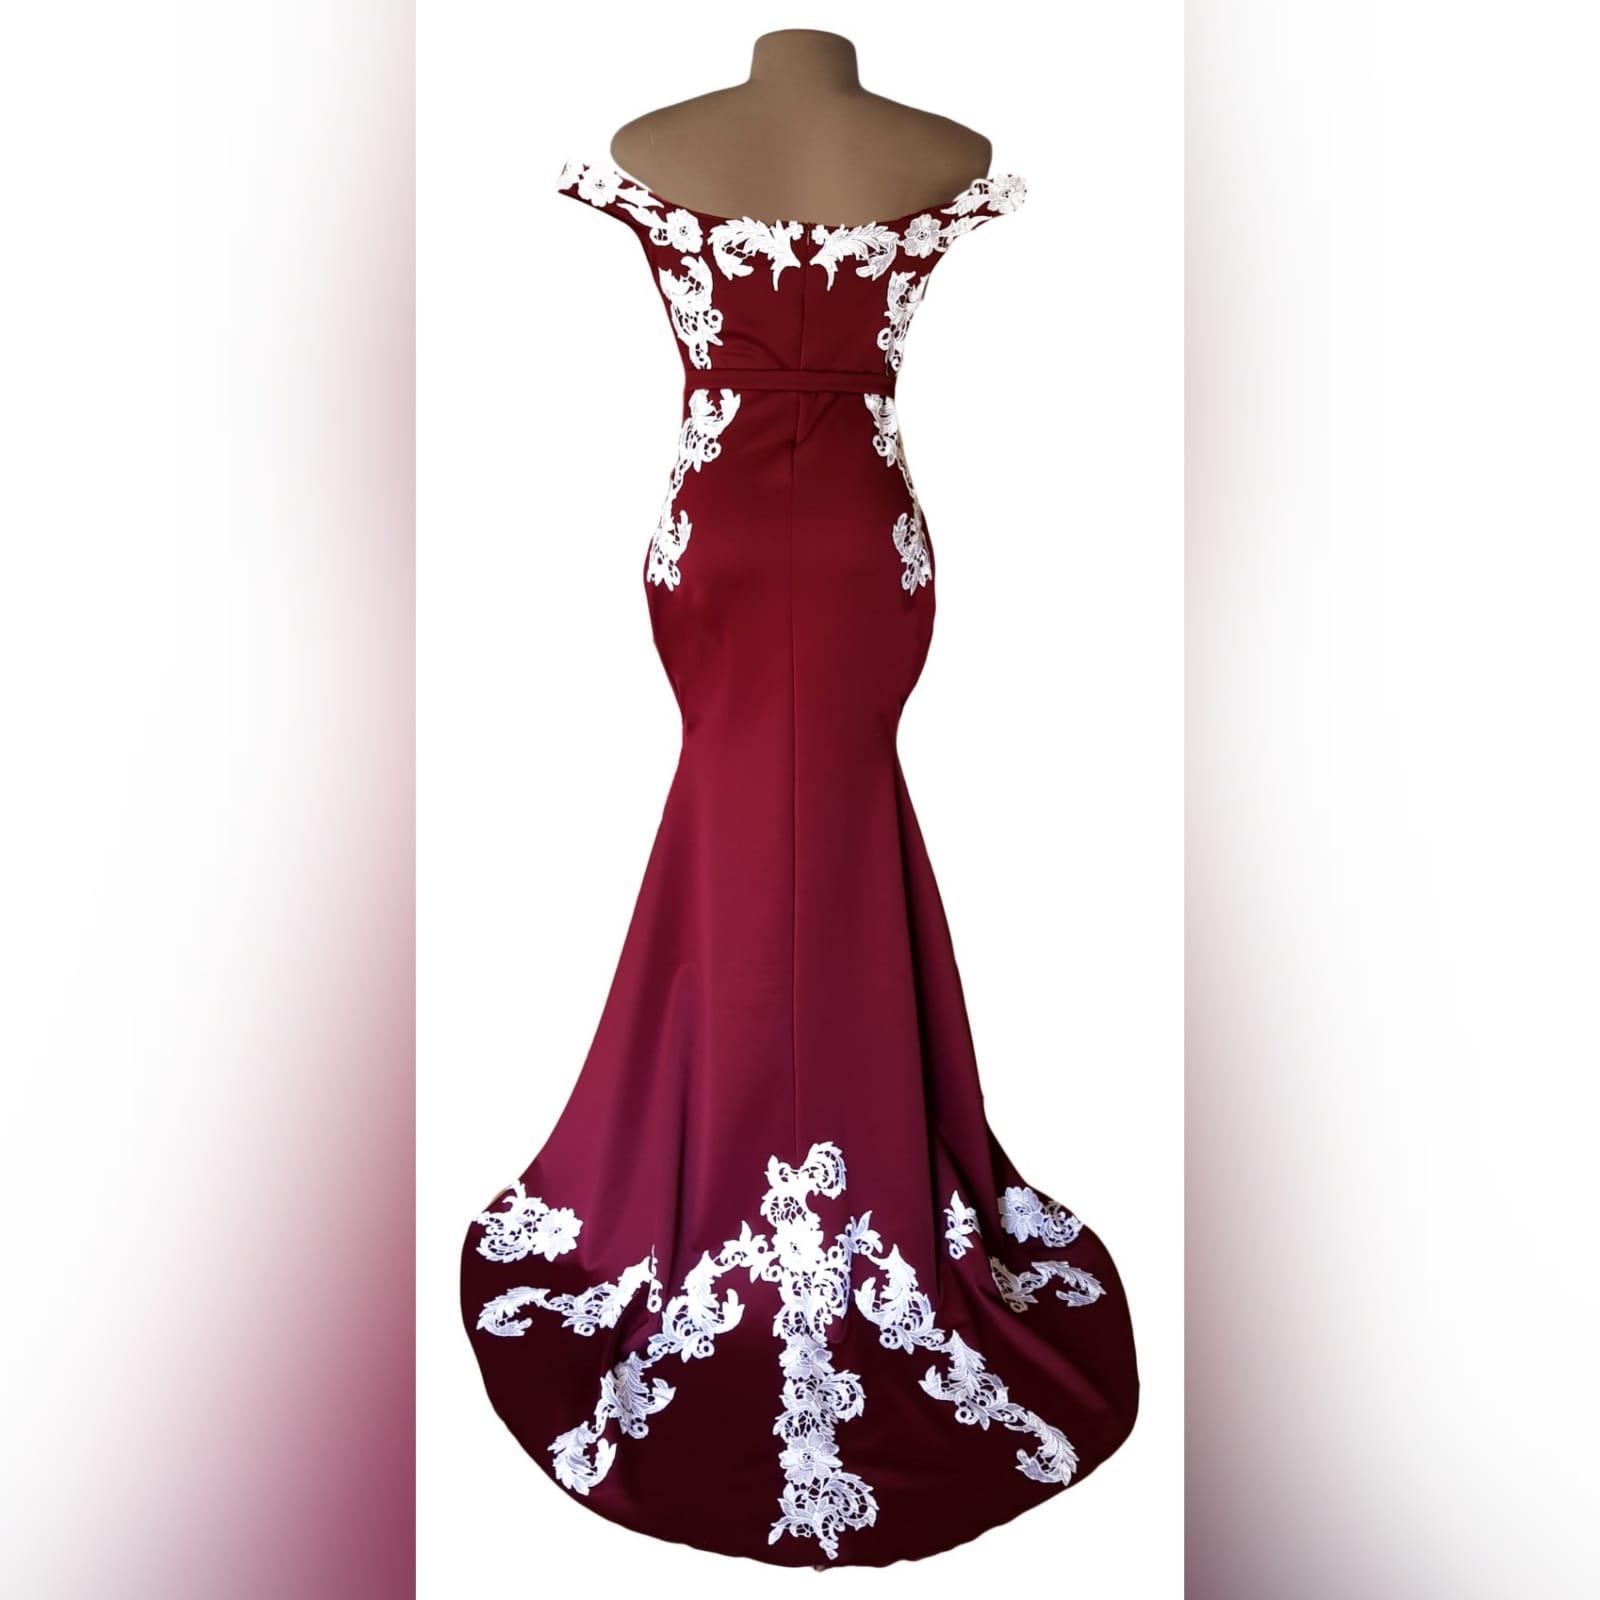 Vestido finalistas cor vinho e branco sereia 2 vestido finalistas cor vinho e branco sereia. Com corpete, ancas e cauda detalhada com apliques de renda branca.